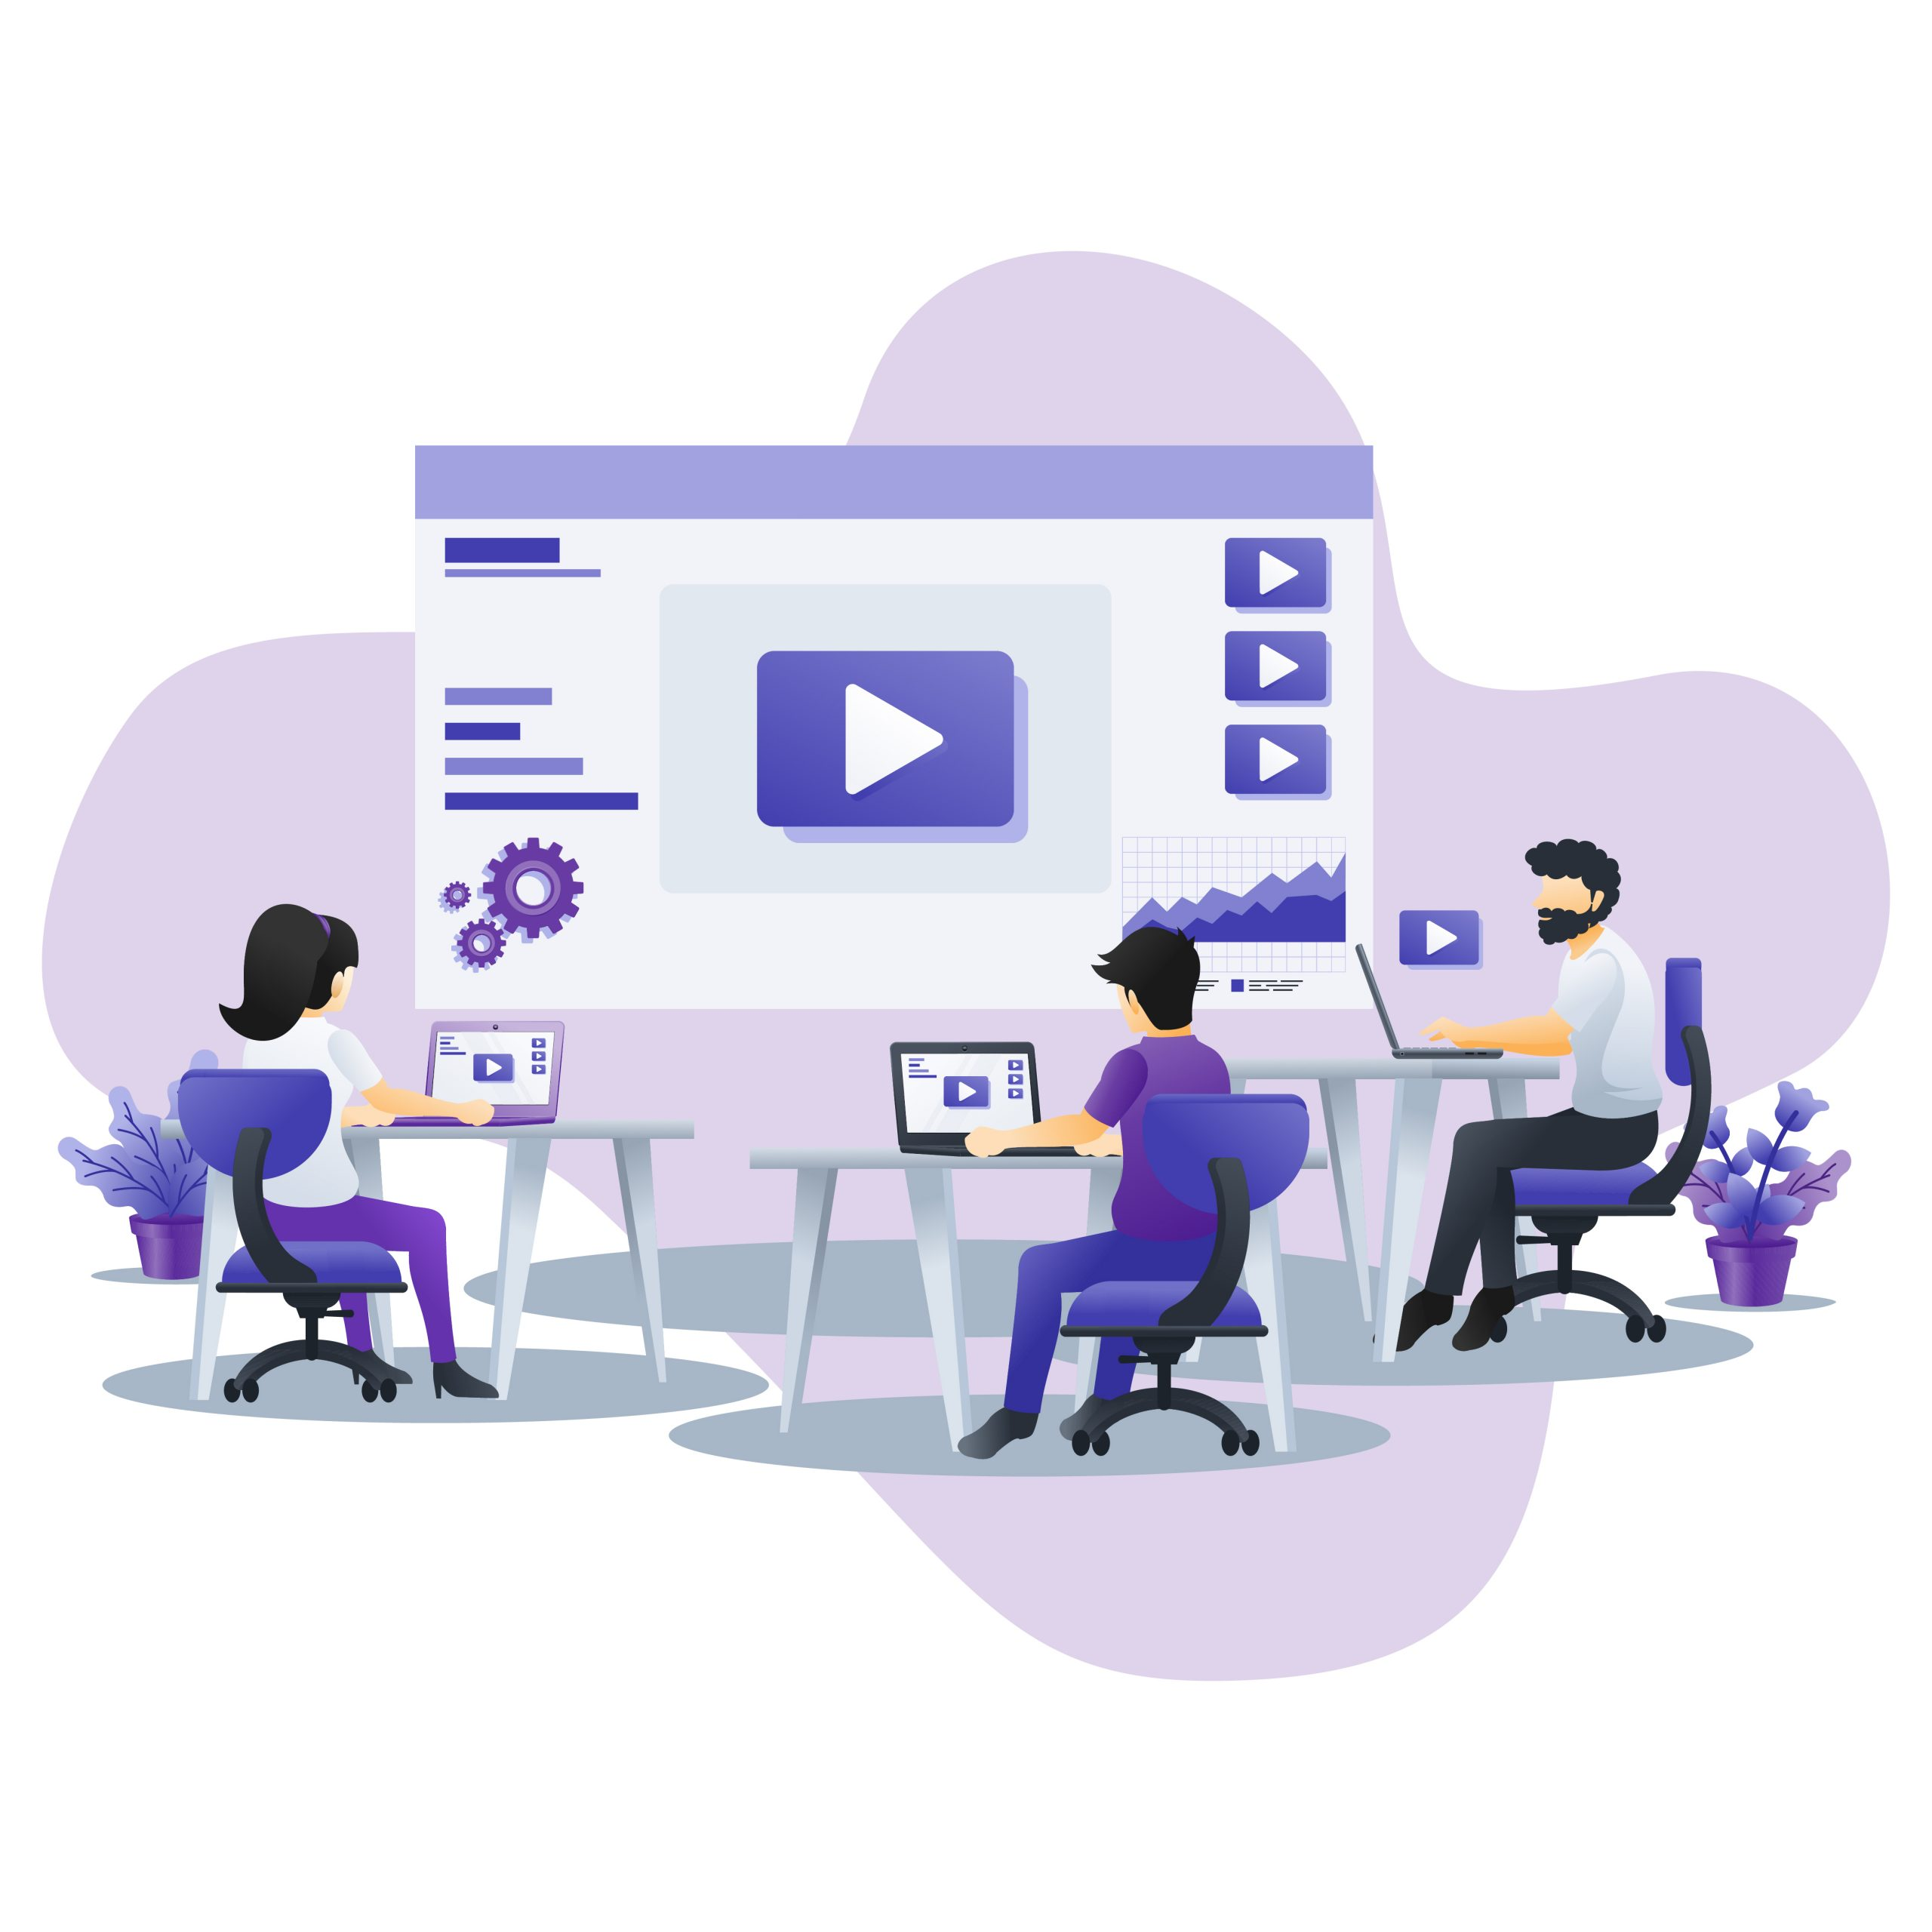 образование, онлайн обучение, виртуална класна стая, курсове, Асториа Груп